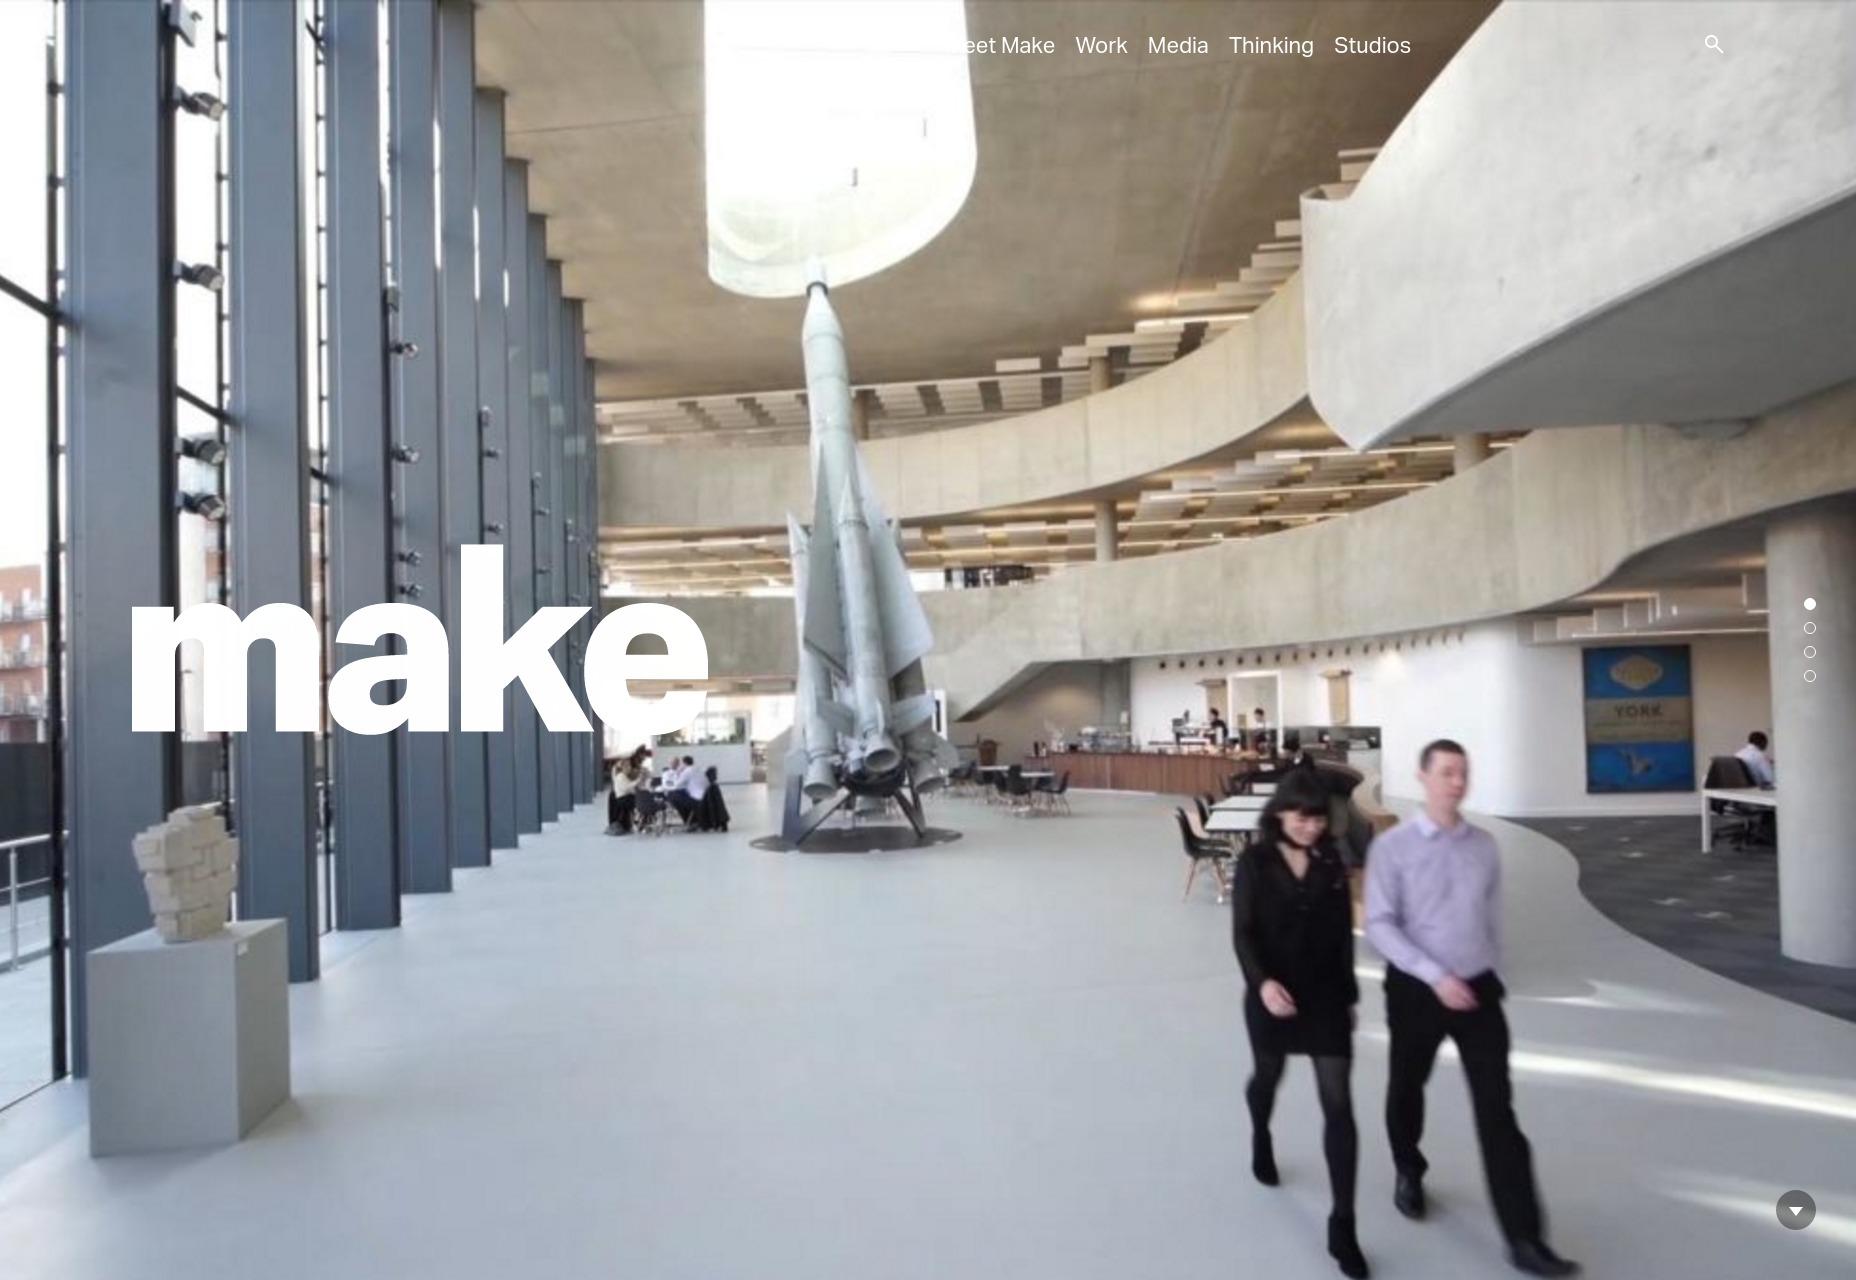 13-Make